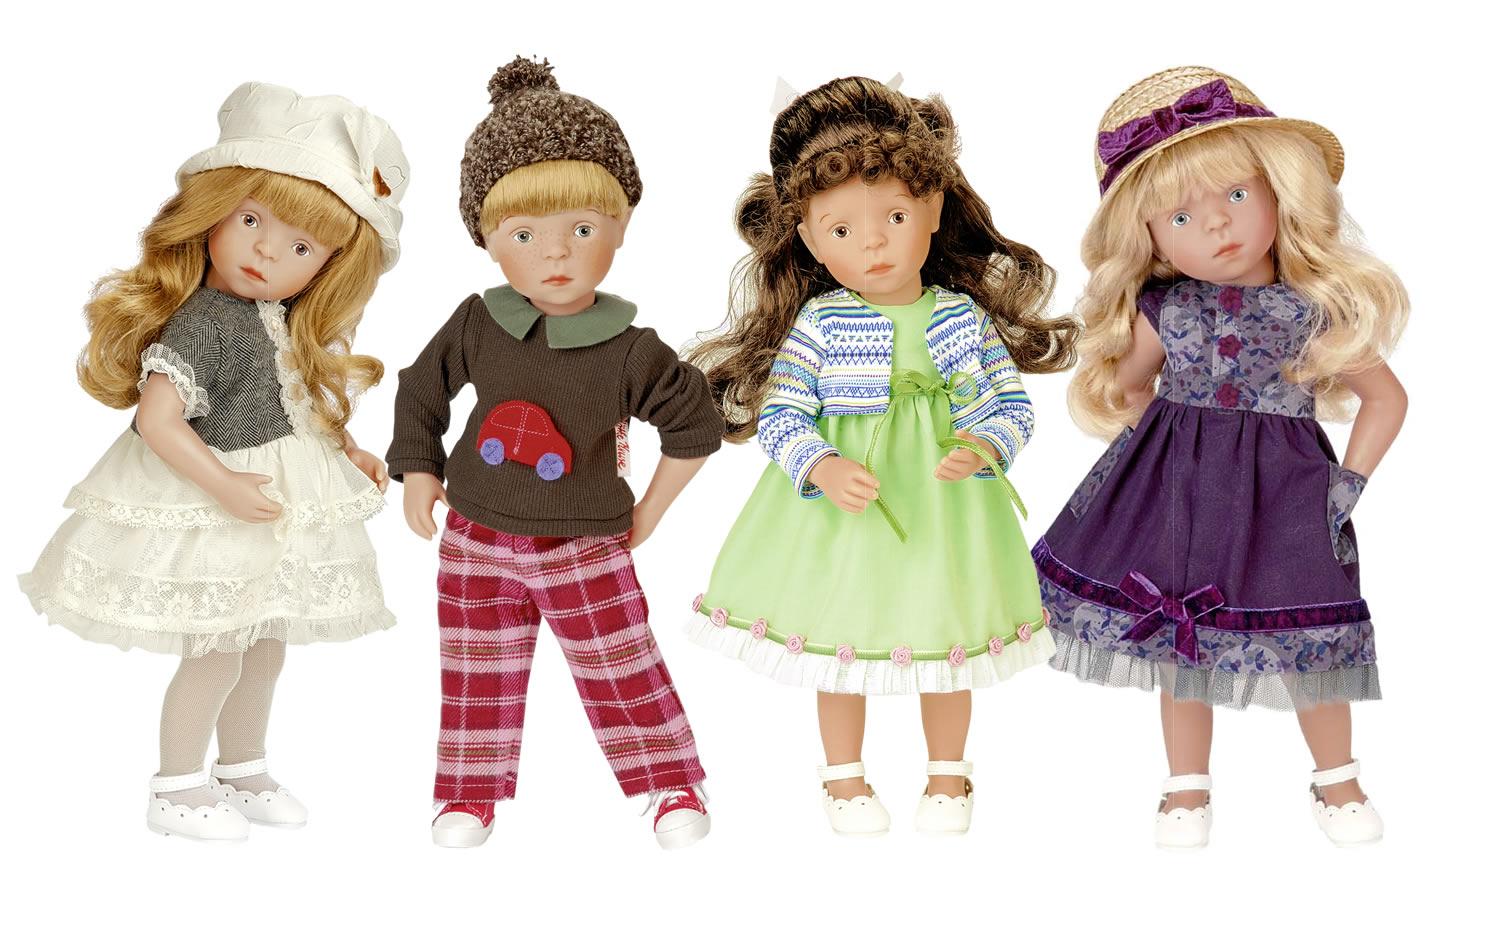 Самые популярные куклы для девочек 2020 лол, барби, беби бон, реборн